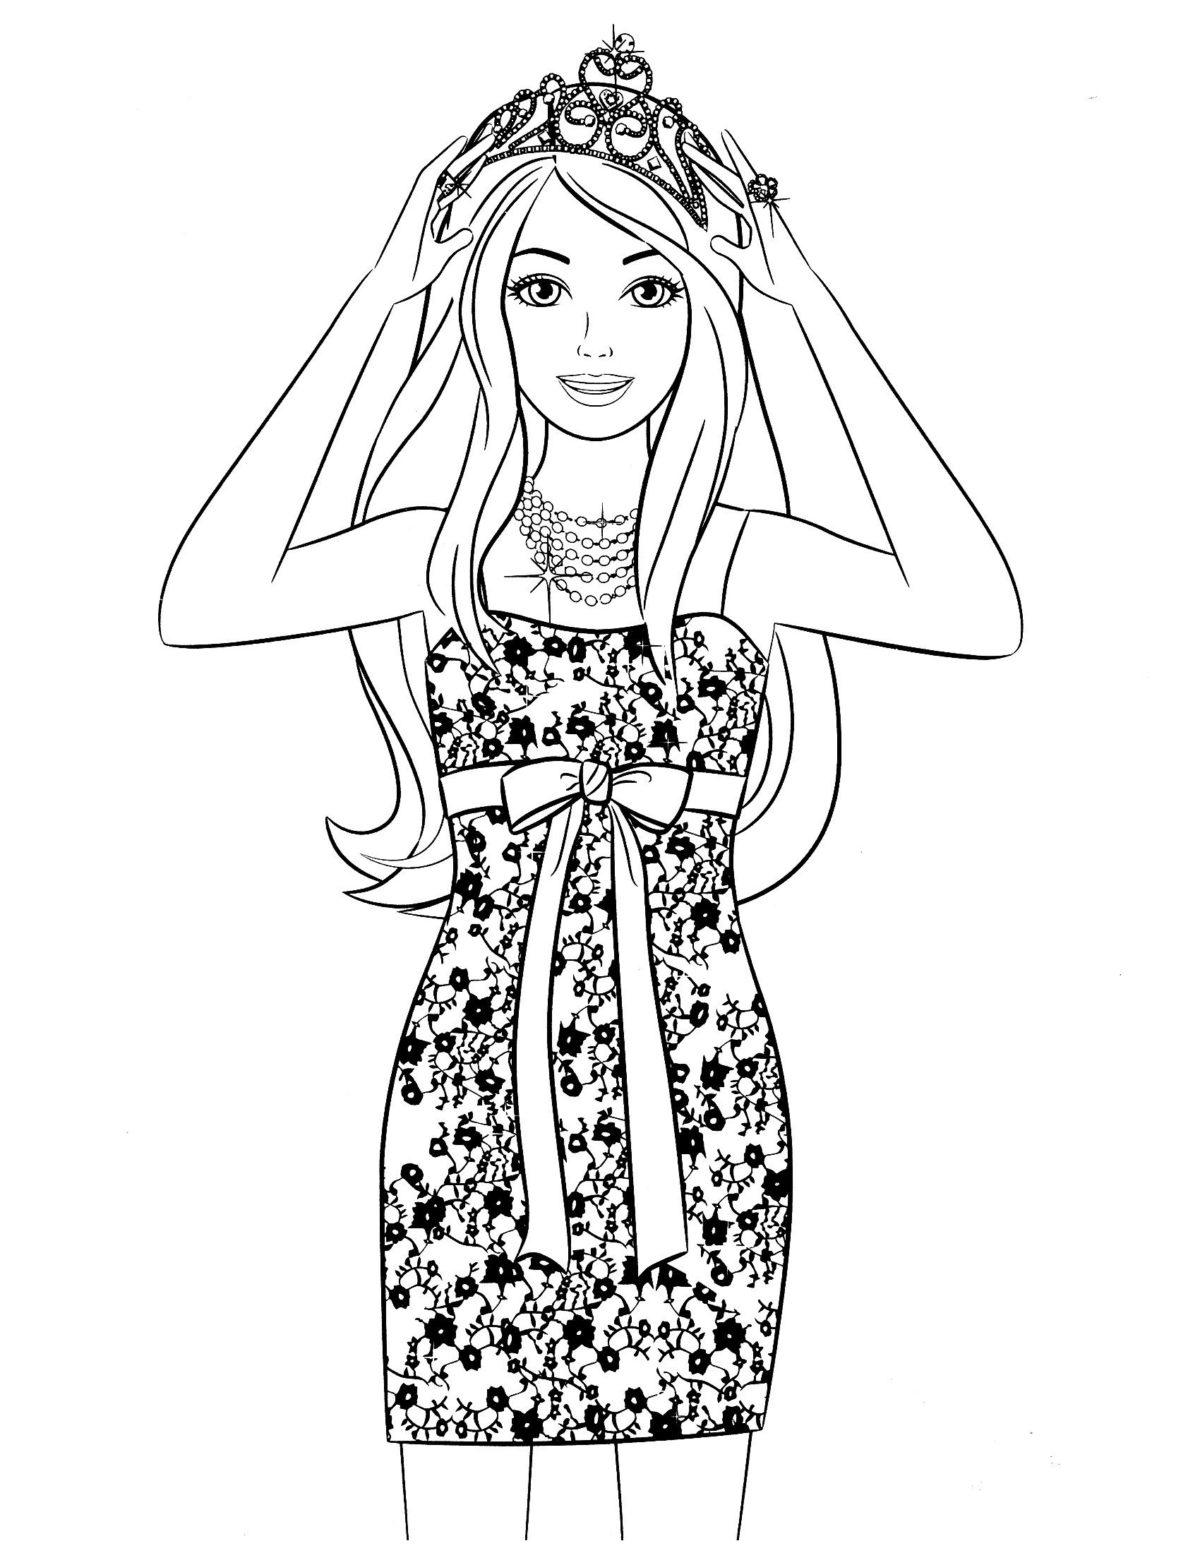 Барби в стильном платье и короне - Картинка для раскрашивания красками-гуашью